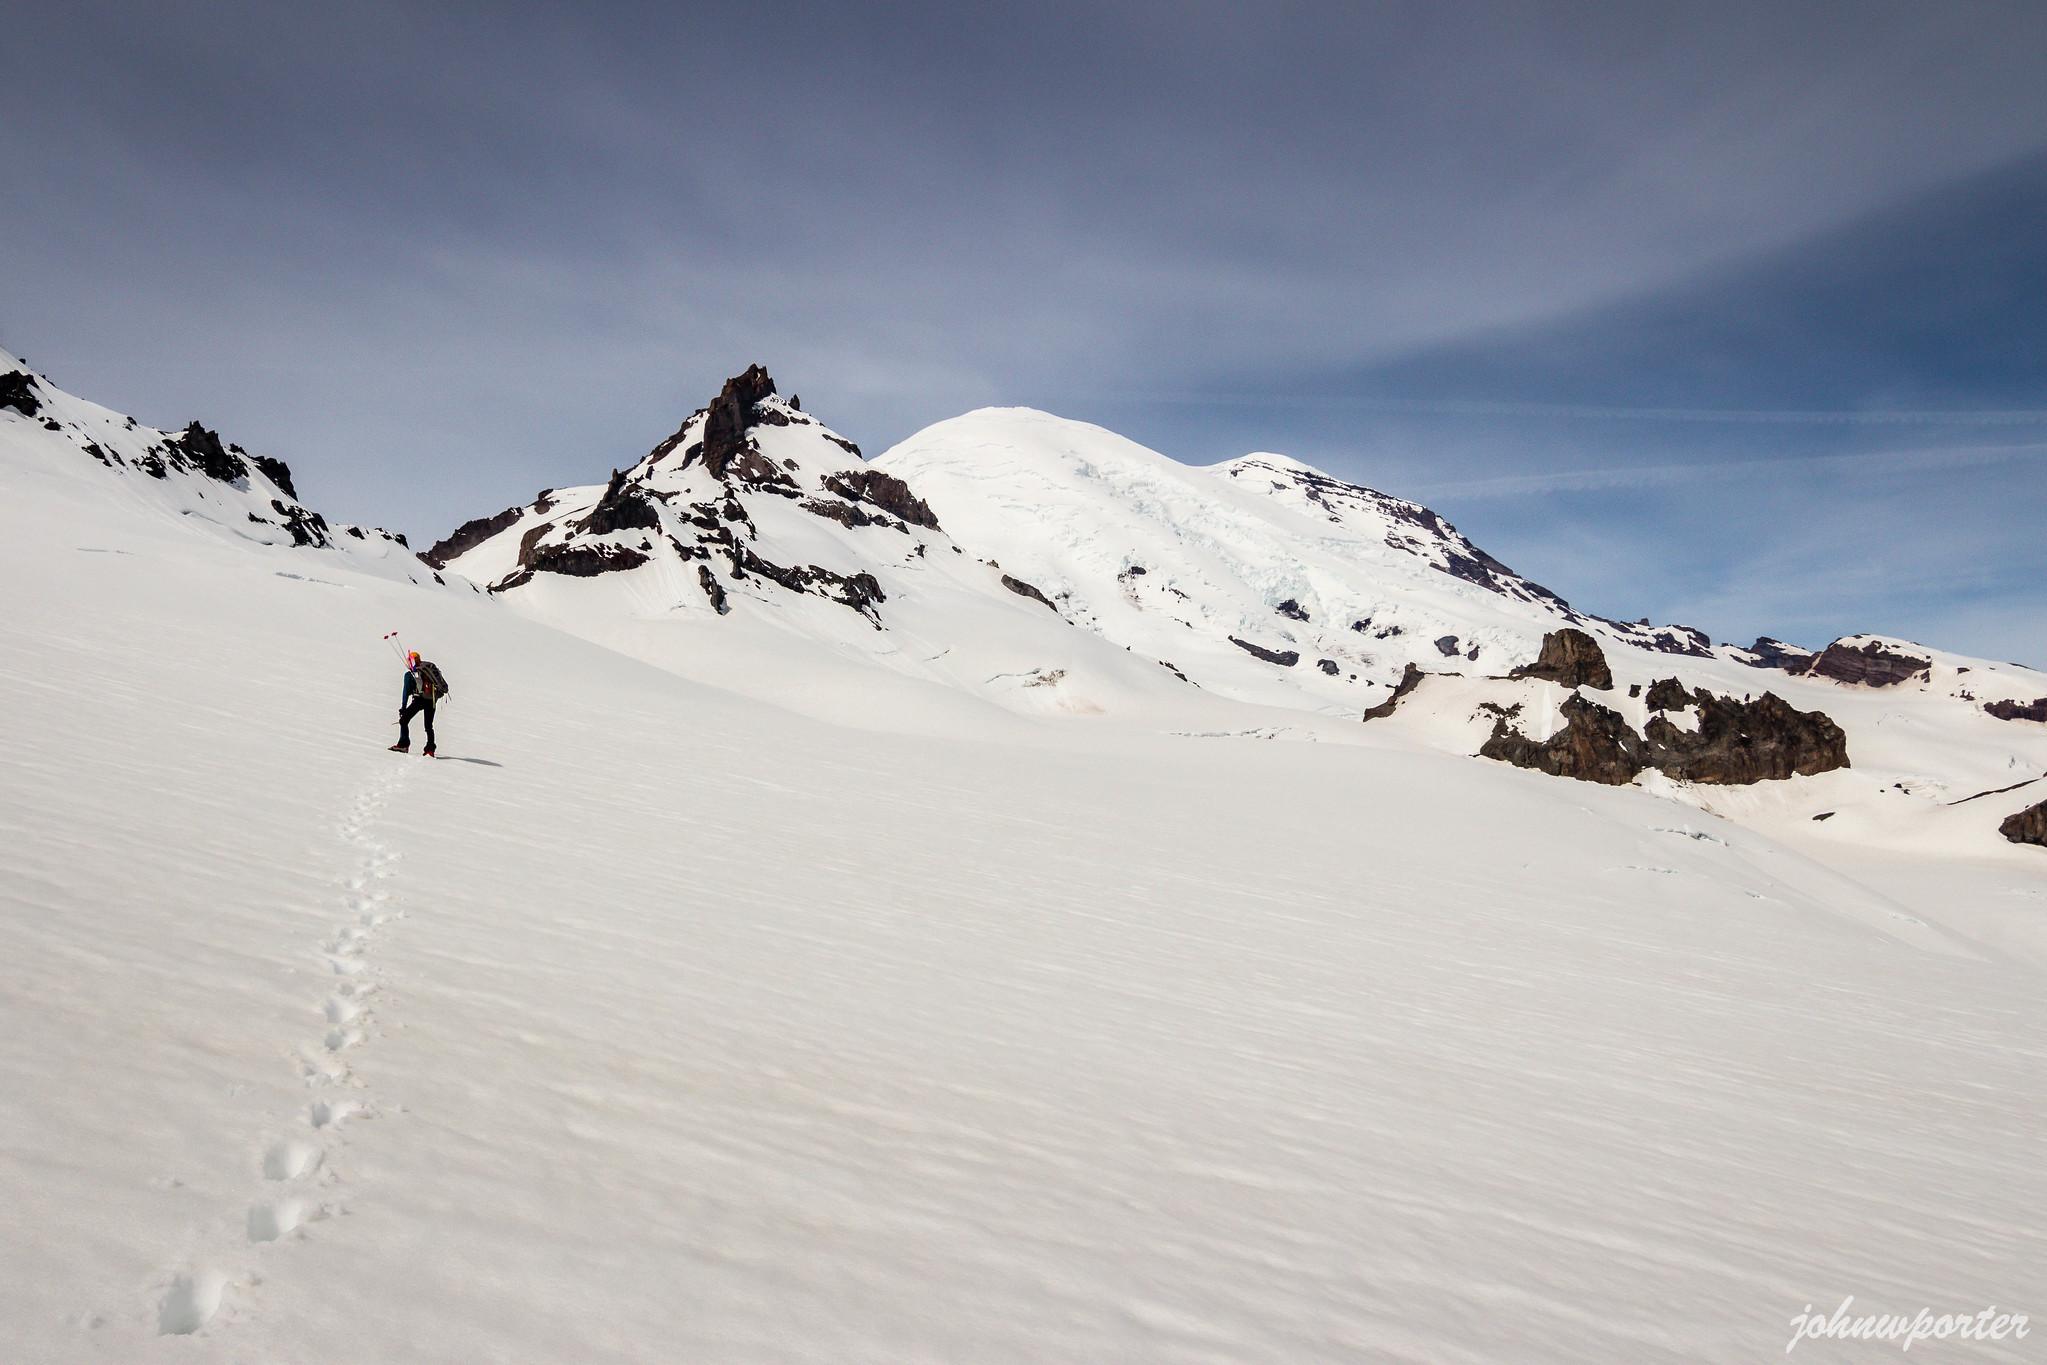 Crossing Fryingpan Glacier